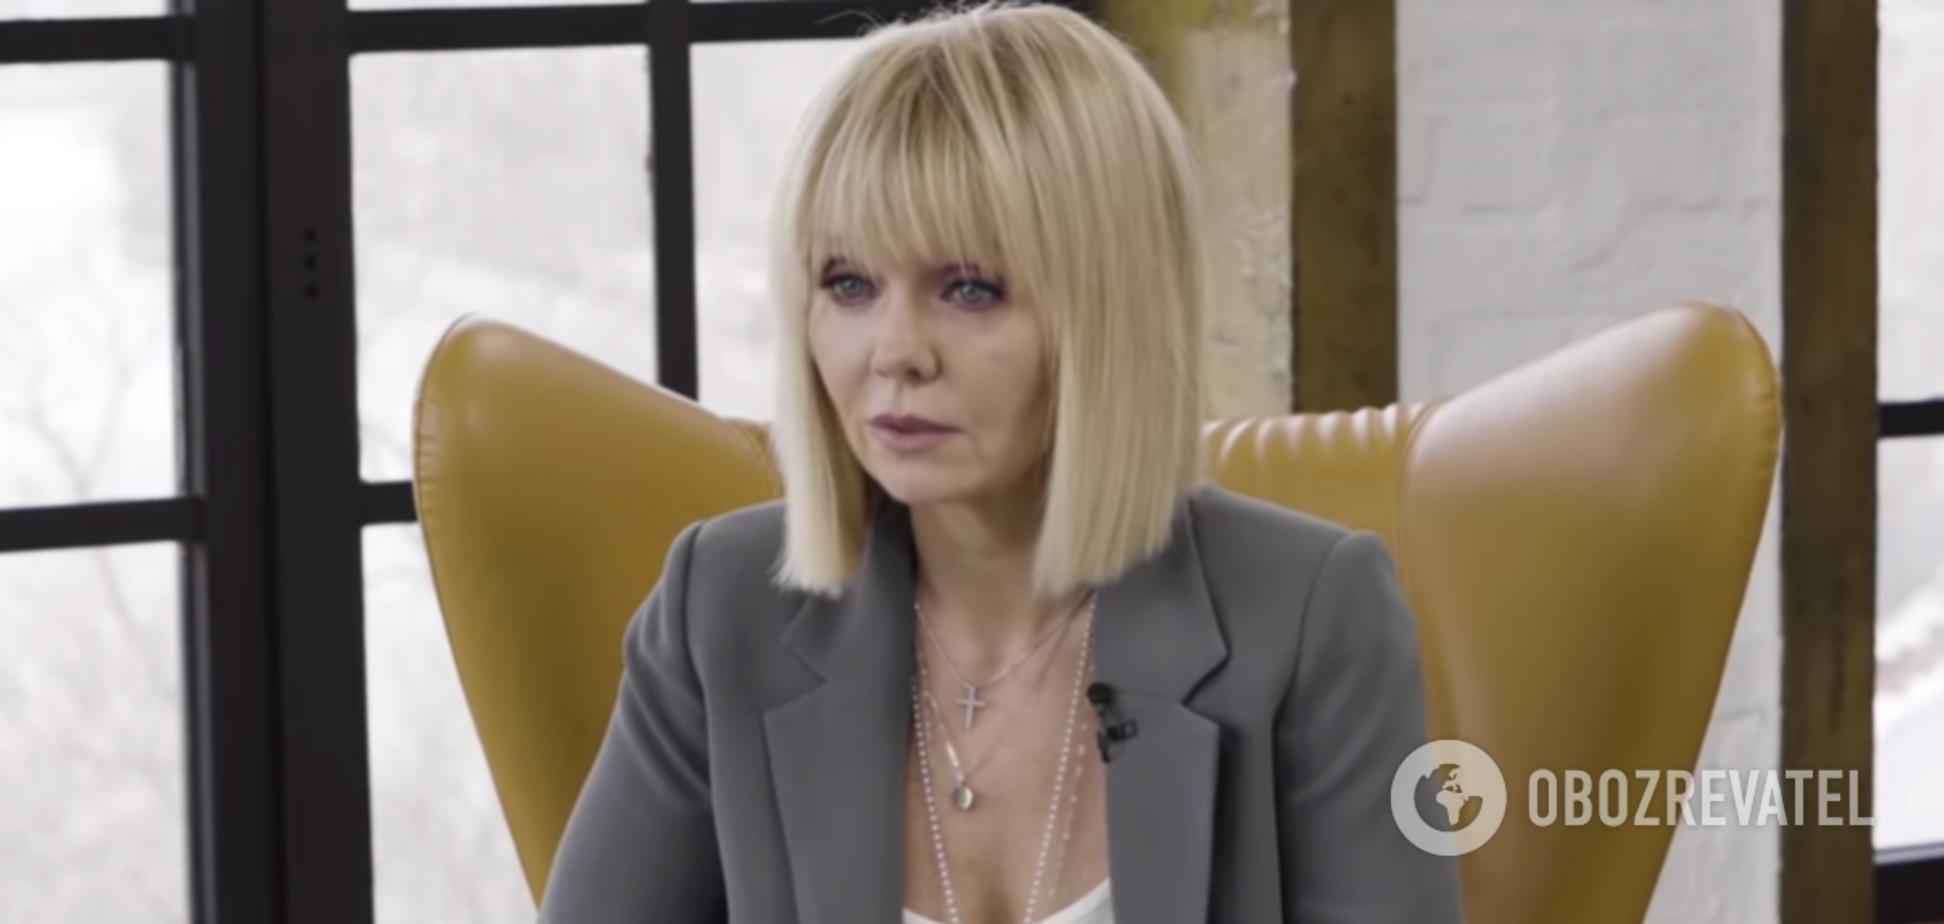 Співачка Валерія відверто розповіла про домашнє насильство